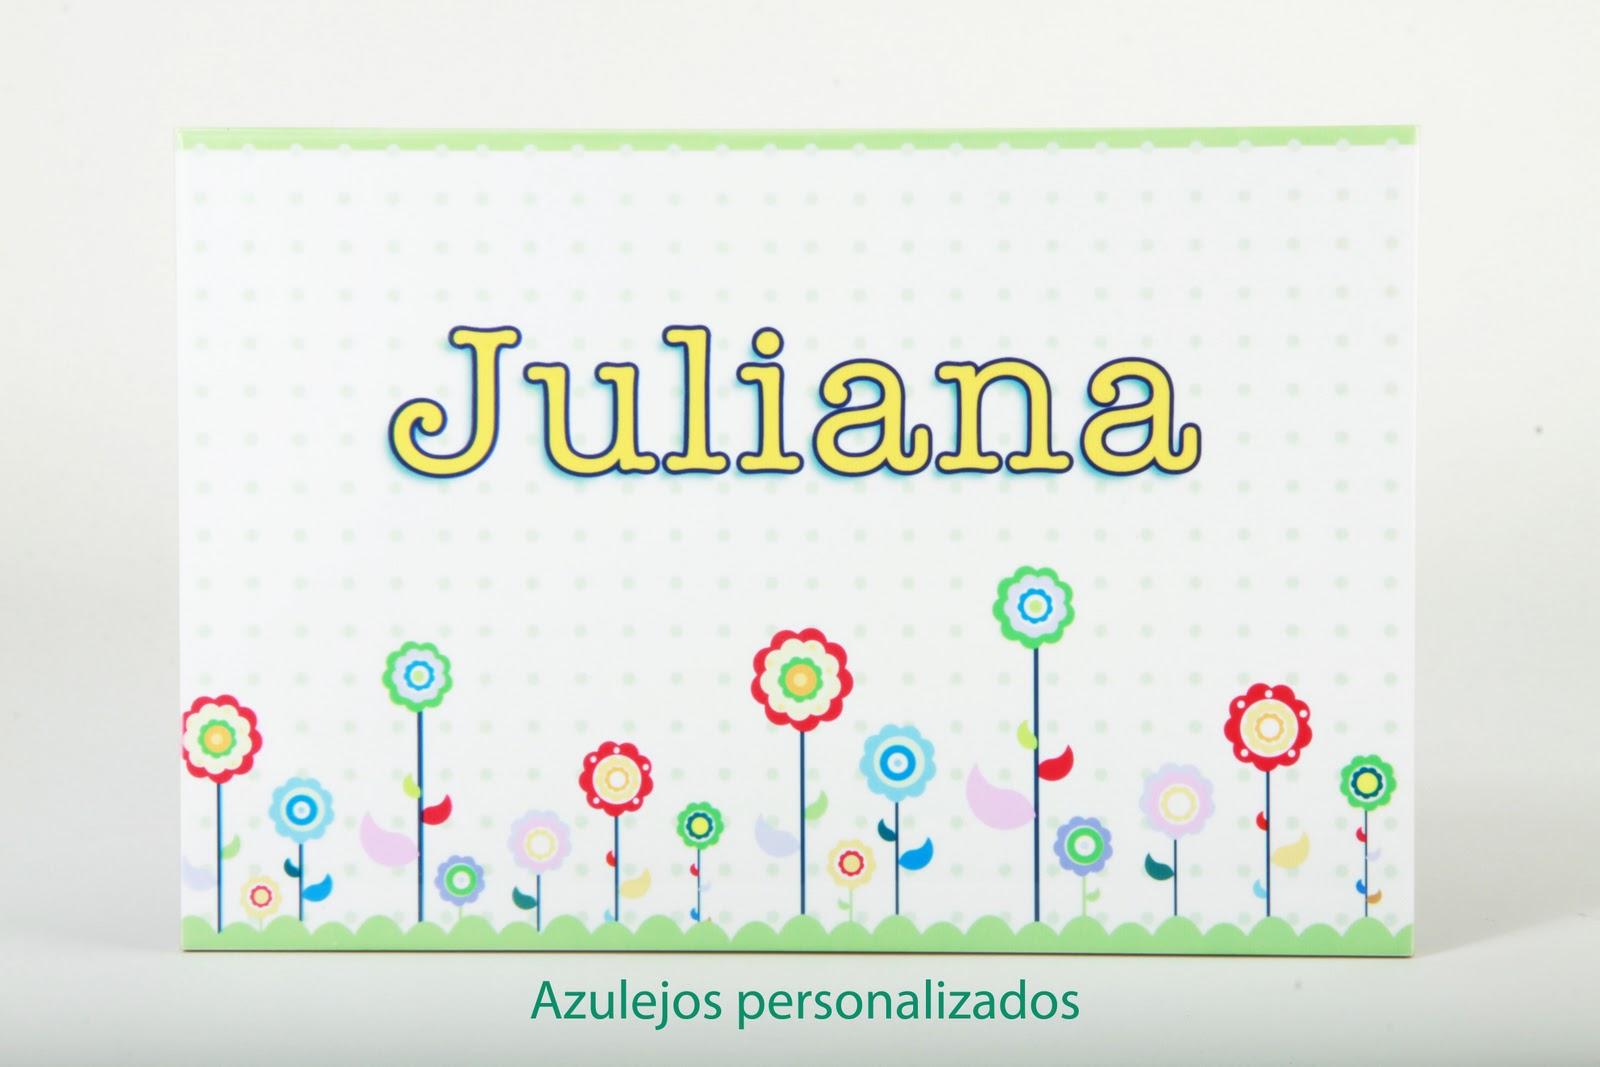 Atelier da foto azulejos personalizados for Azulejos personalizados